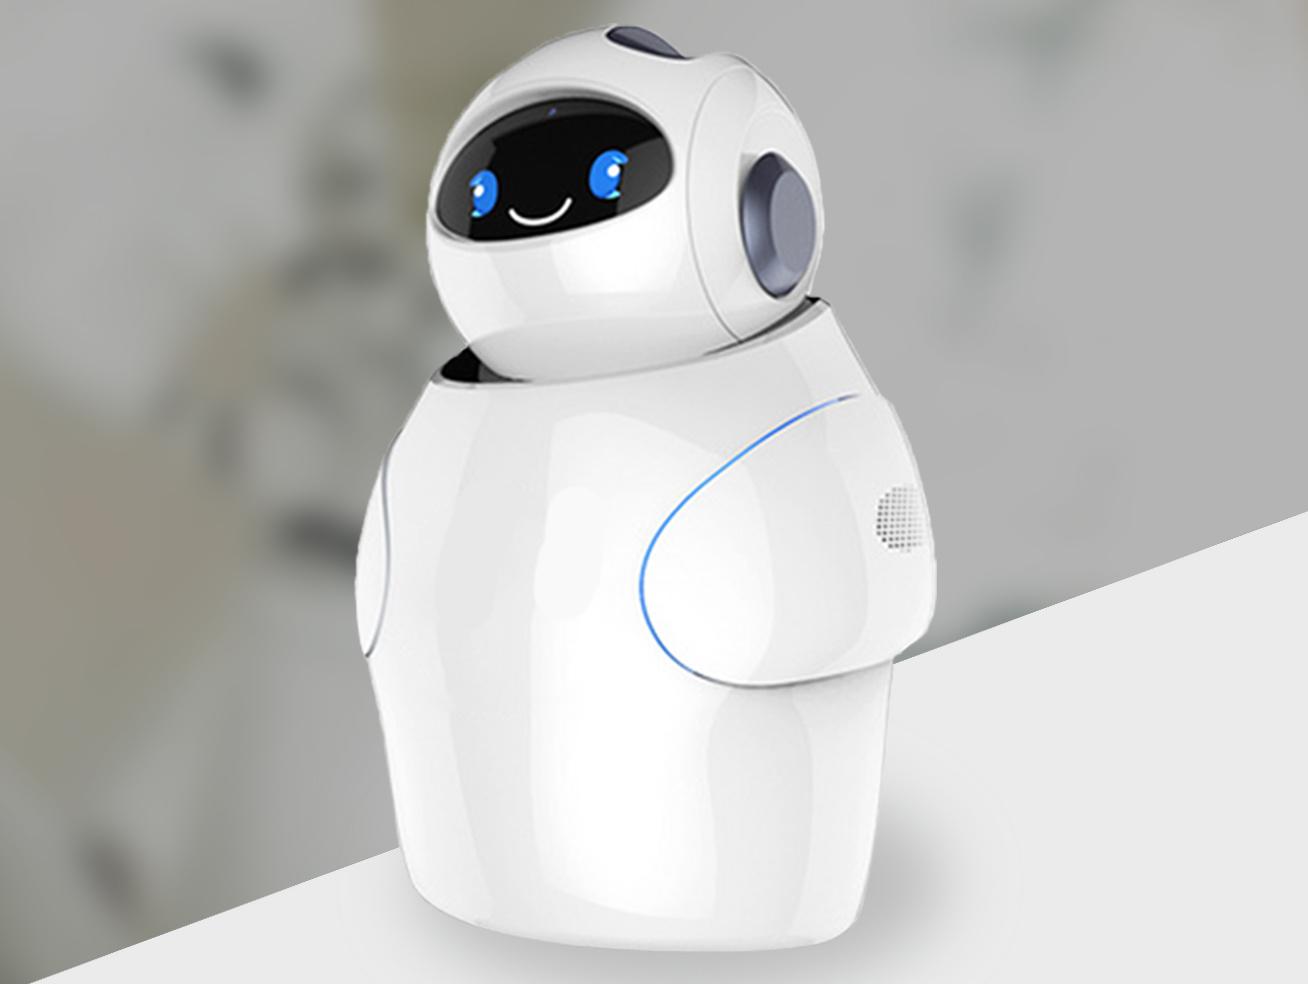 机器人设计-机器人外观设计-首脑工业设计公司-机器人产品设计-创意图片